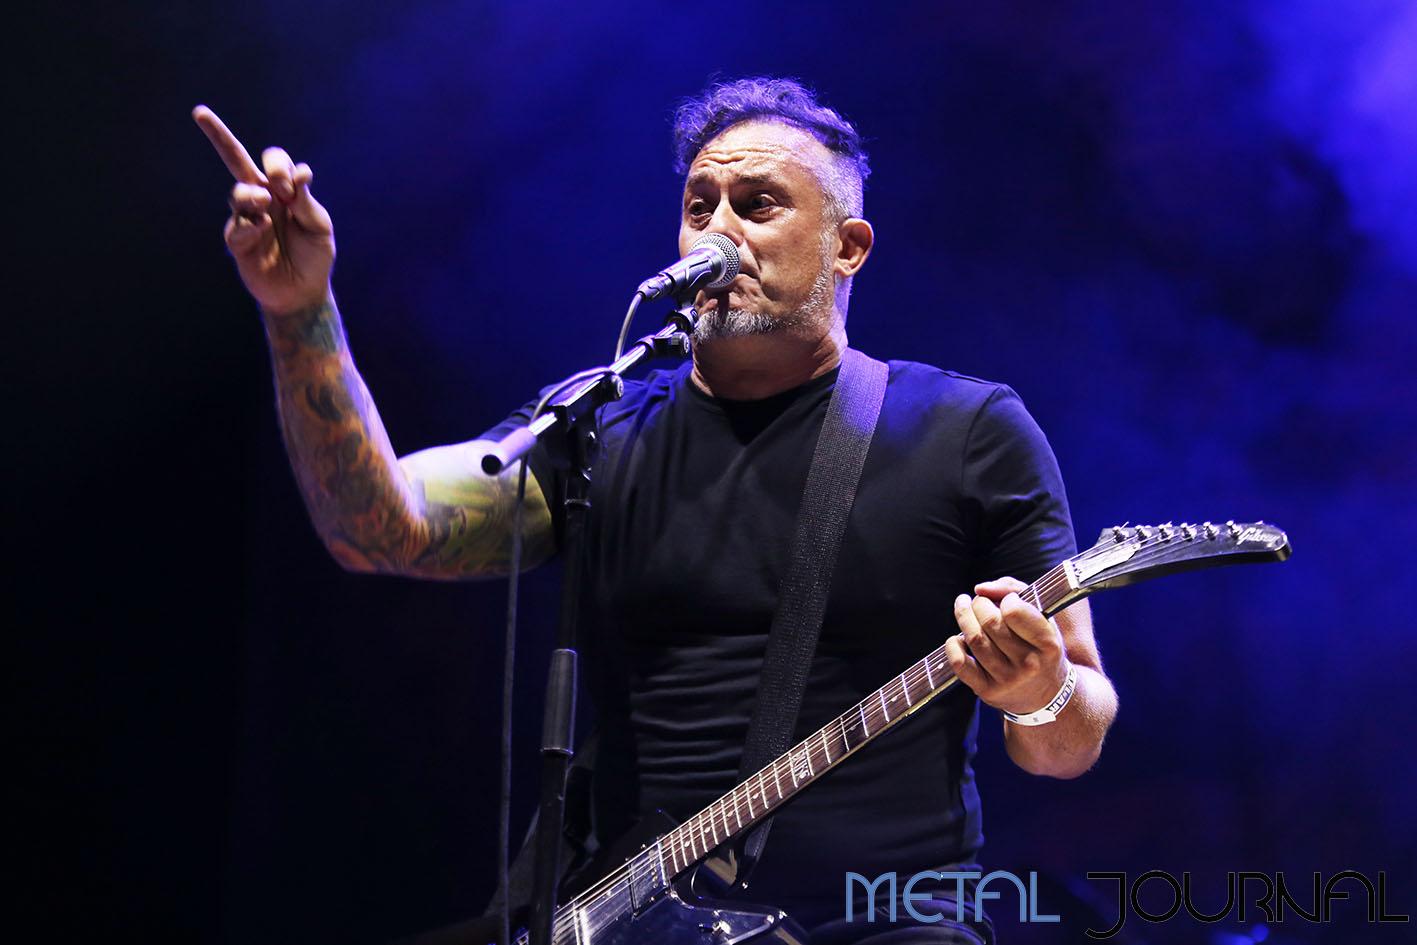 koma - leyendas del rock 2019 metal journal pic 4